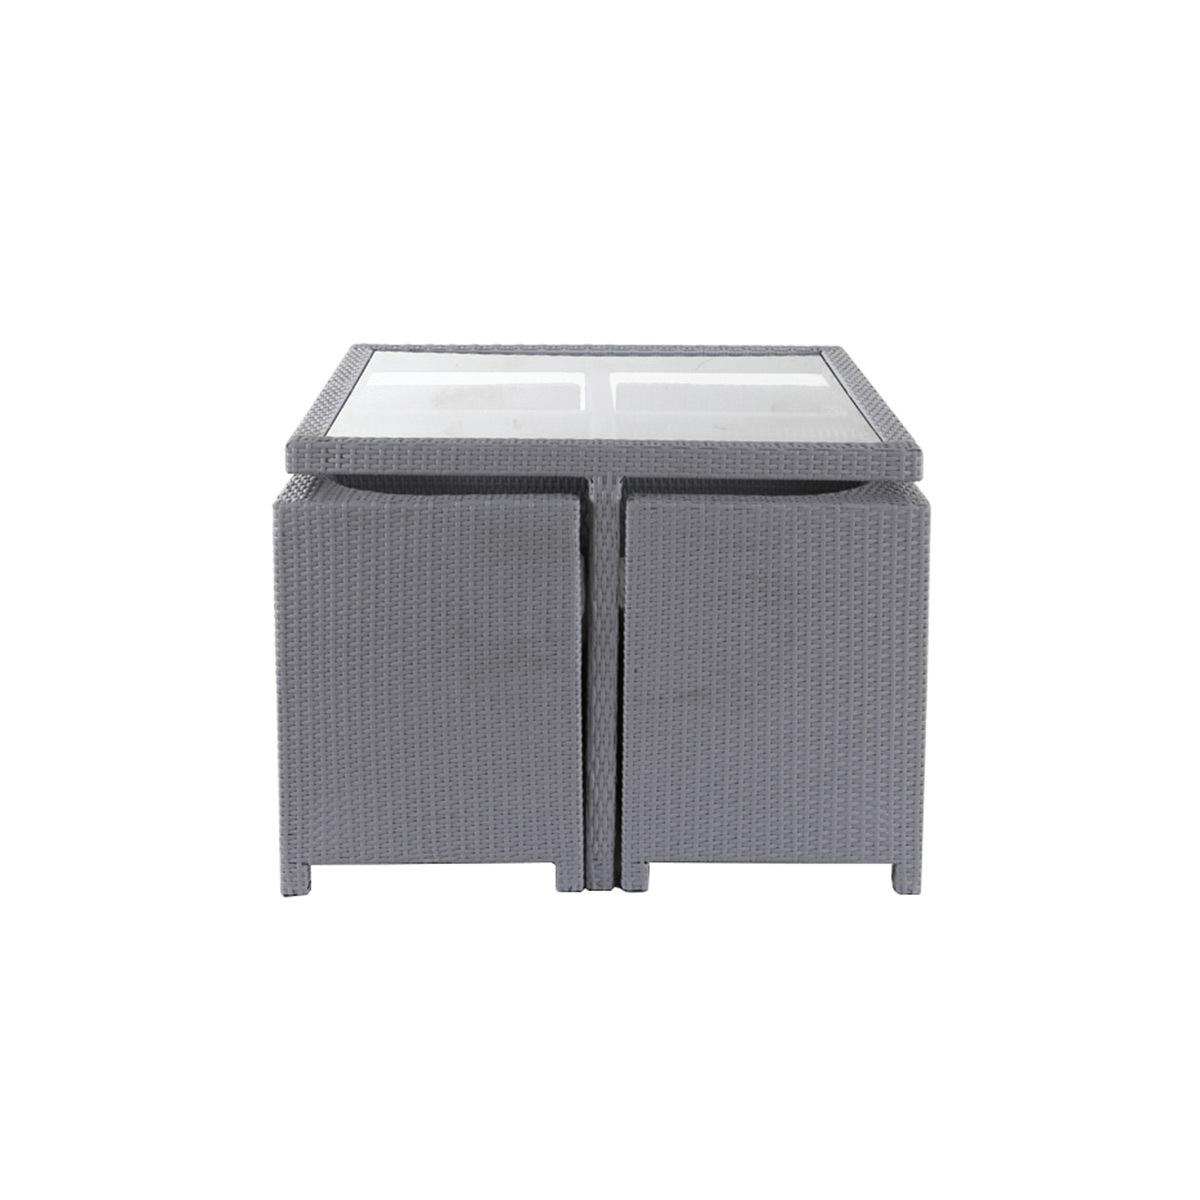 Salotto da giardino in resina intrecciata / tavolo e sedie colore grigio STILE GRECO